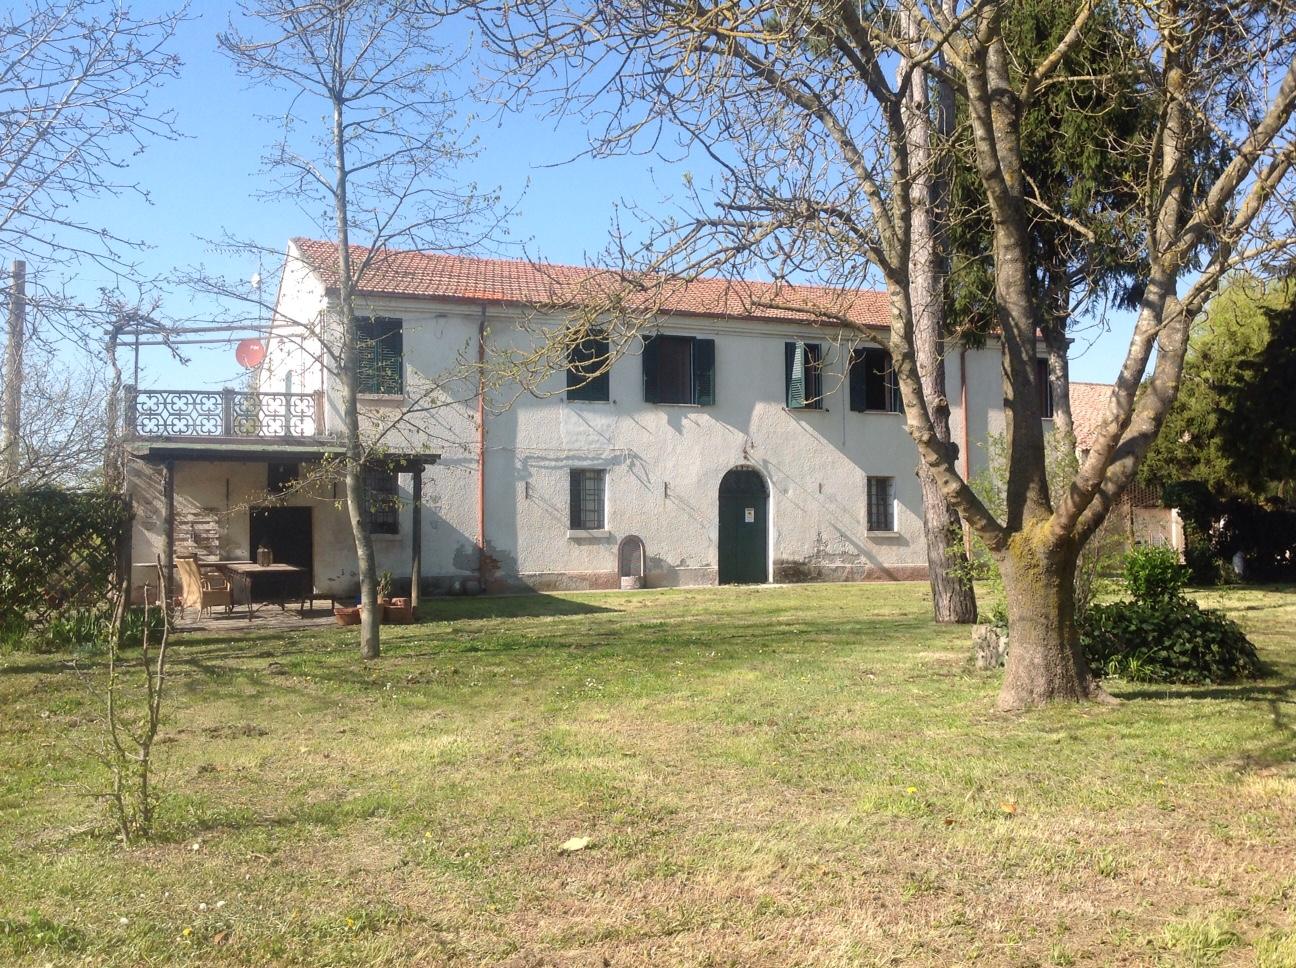 Soluzione Indipendente in vendita a Ferrara, 16 locali, zona Zona: Pescara, prezzo € 590.000 | CambioCasa.it